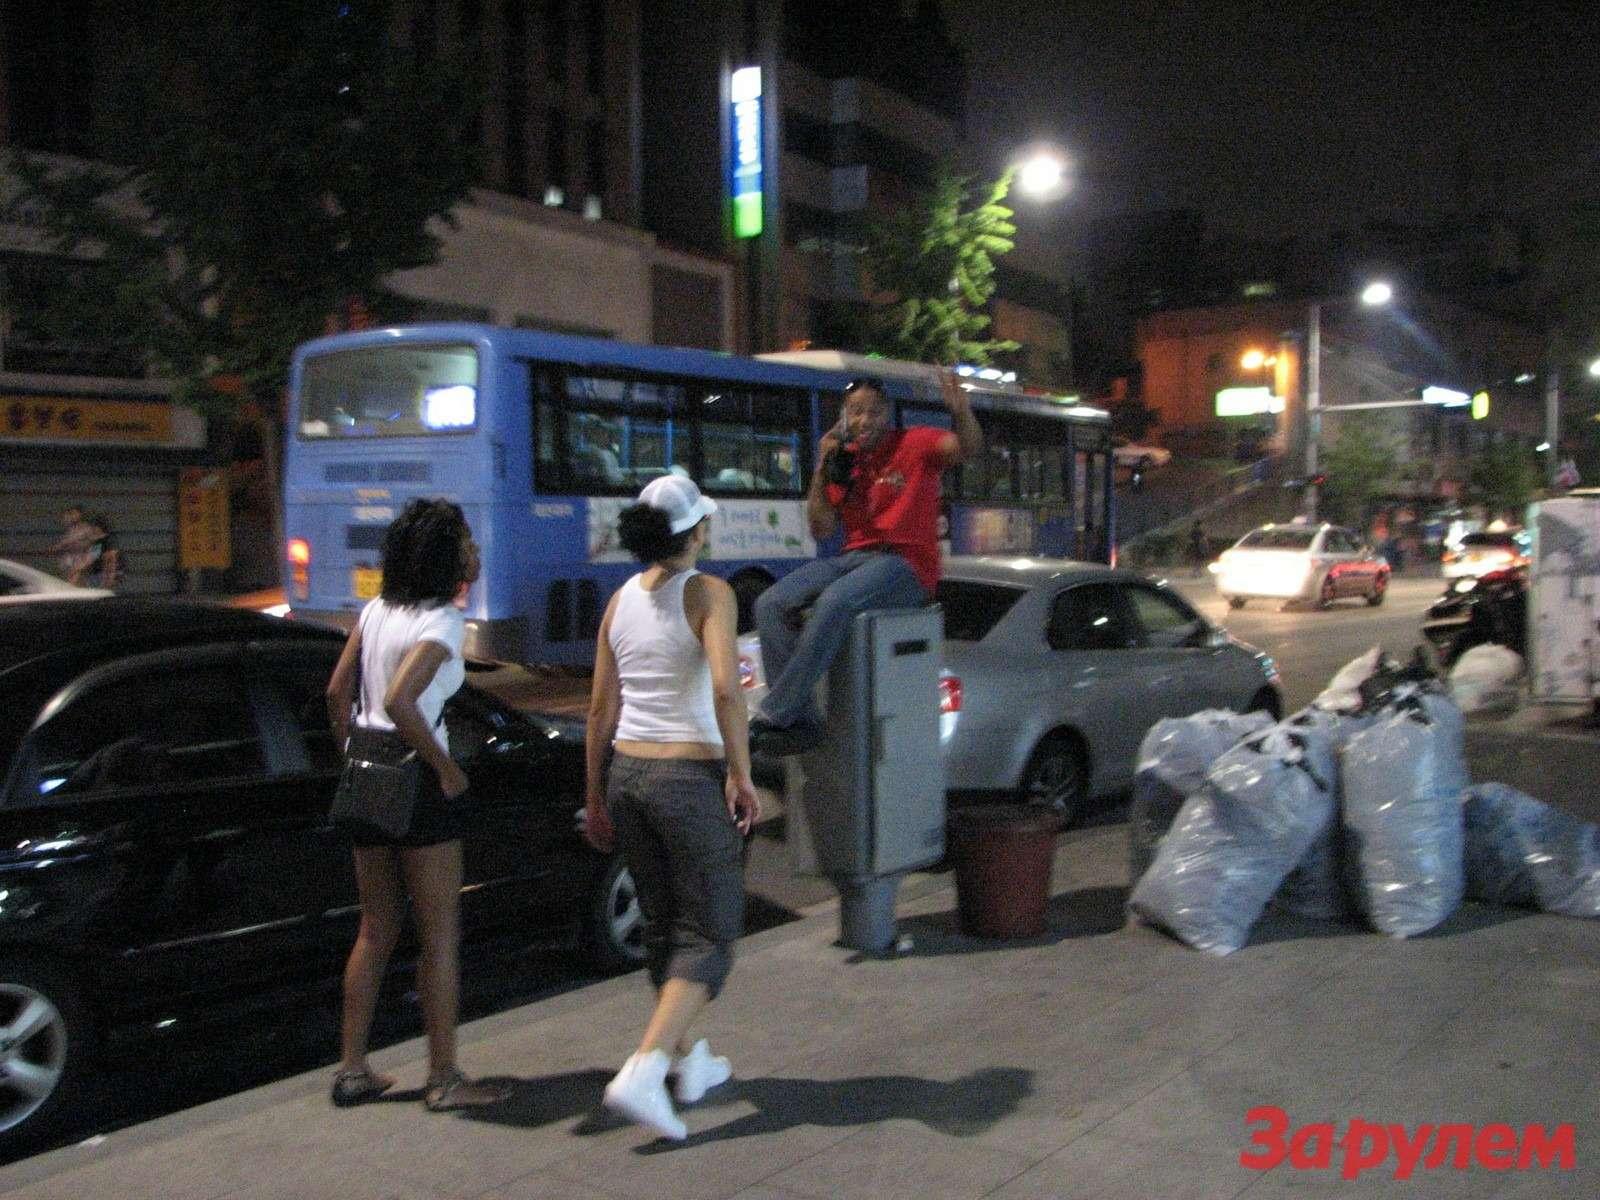 Парни темнокожие клеют корейских девах невставая сместа...